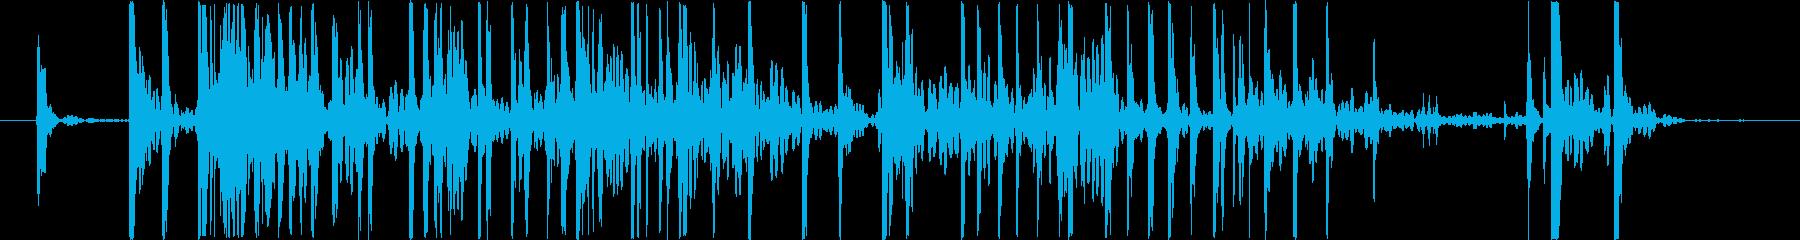 メカニカル Mechanics L...の再生済みの波形